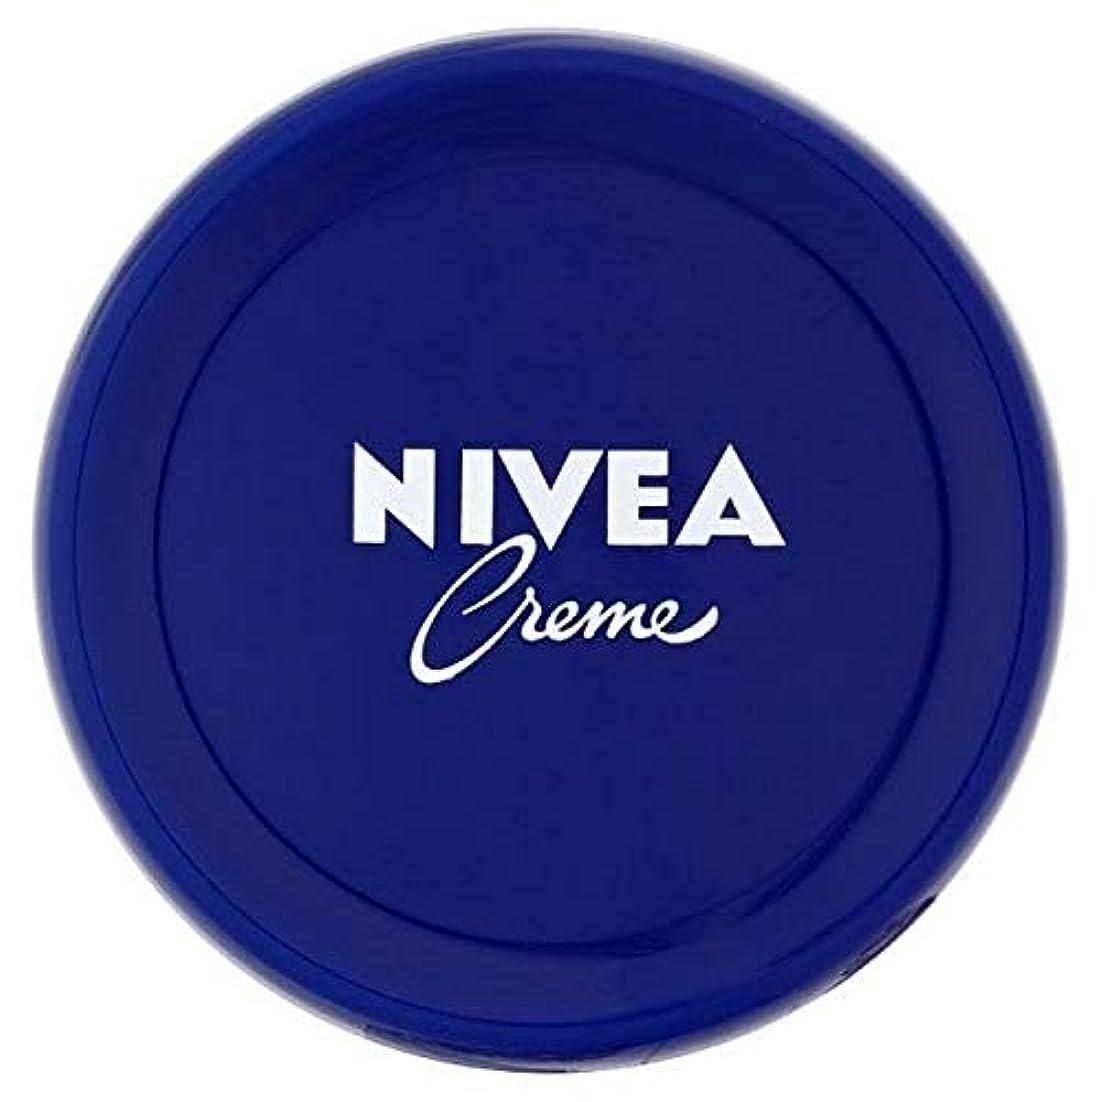 アラブサラボの前で細菌[Nivea ] ニベアクリーム万能ボディクリーム、200ミリリットル - NIVEA Creme All Purpose Body Cream, 200ml [並行輸入品]